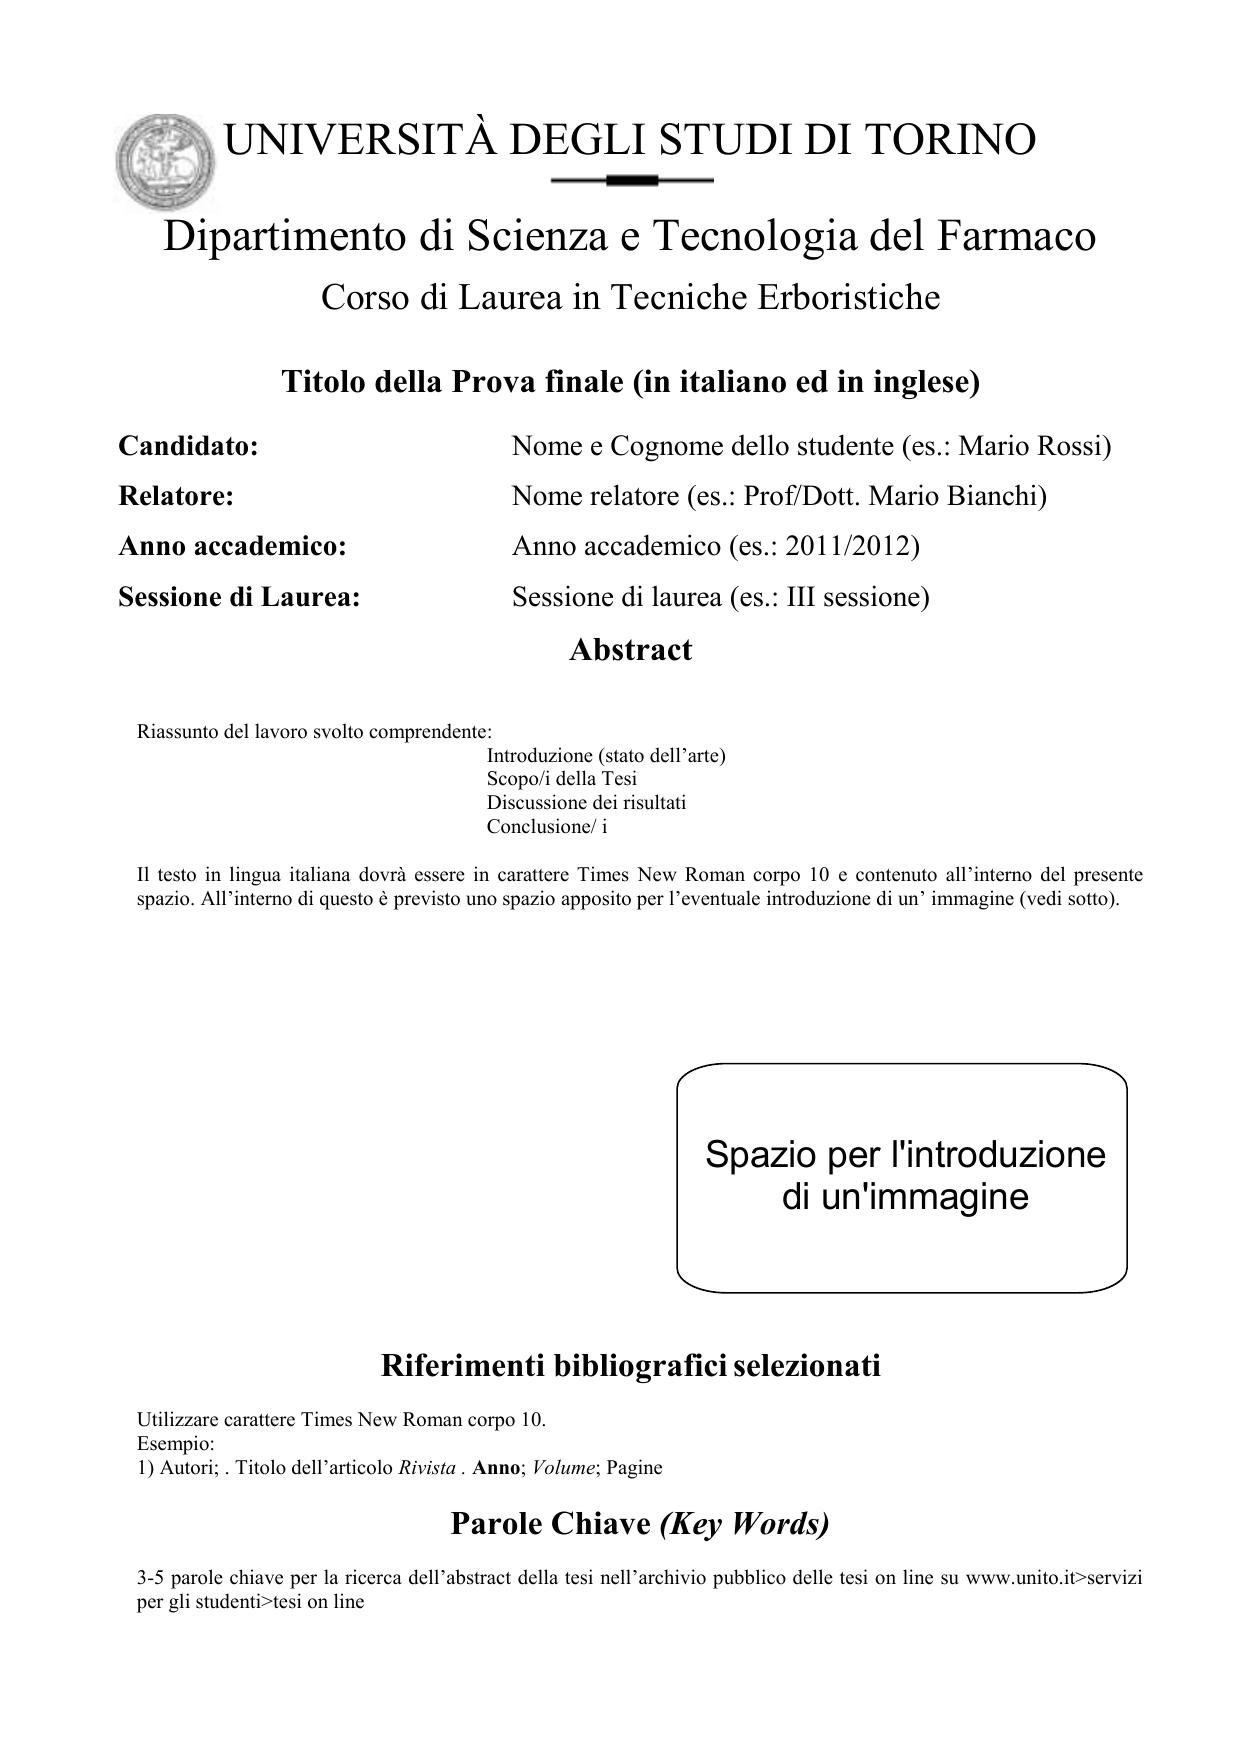 Calendario Discussione Tesi Unito.Universita Degli Studi Di Torino Facolta Di Farmacia